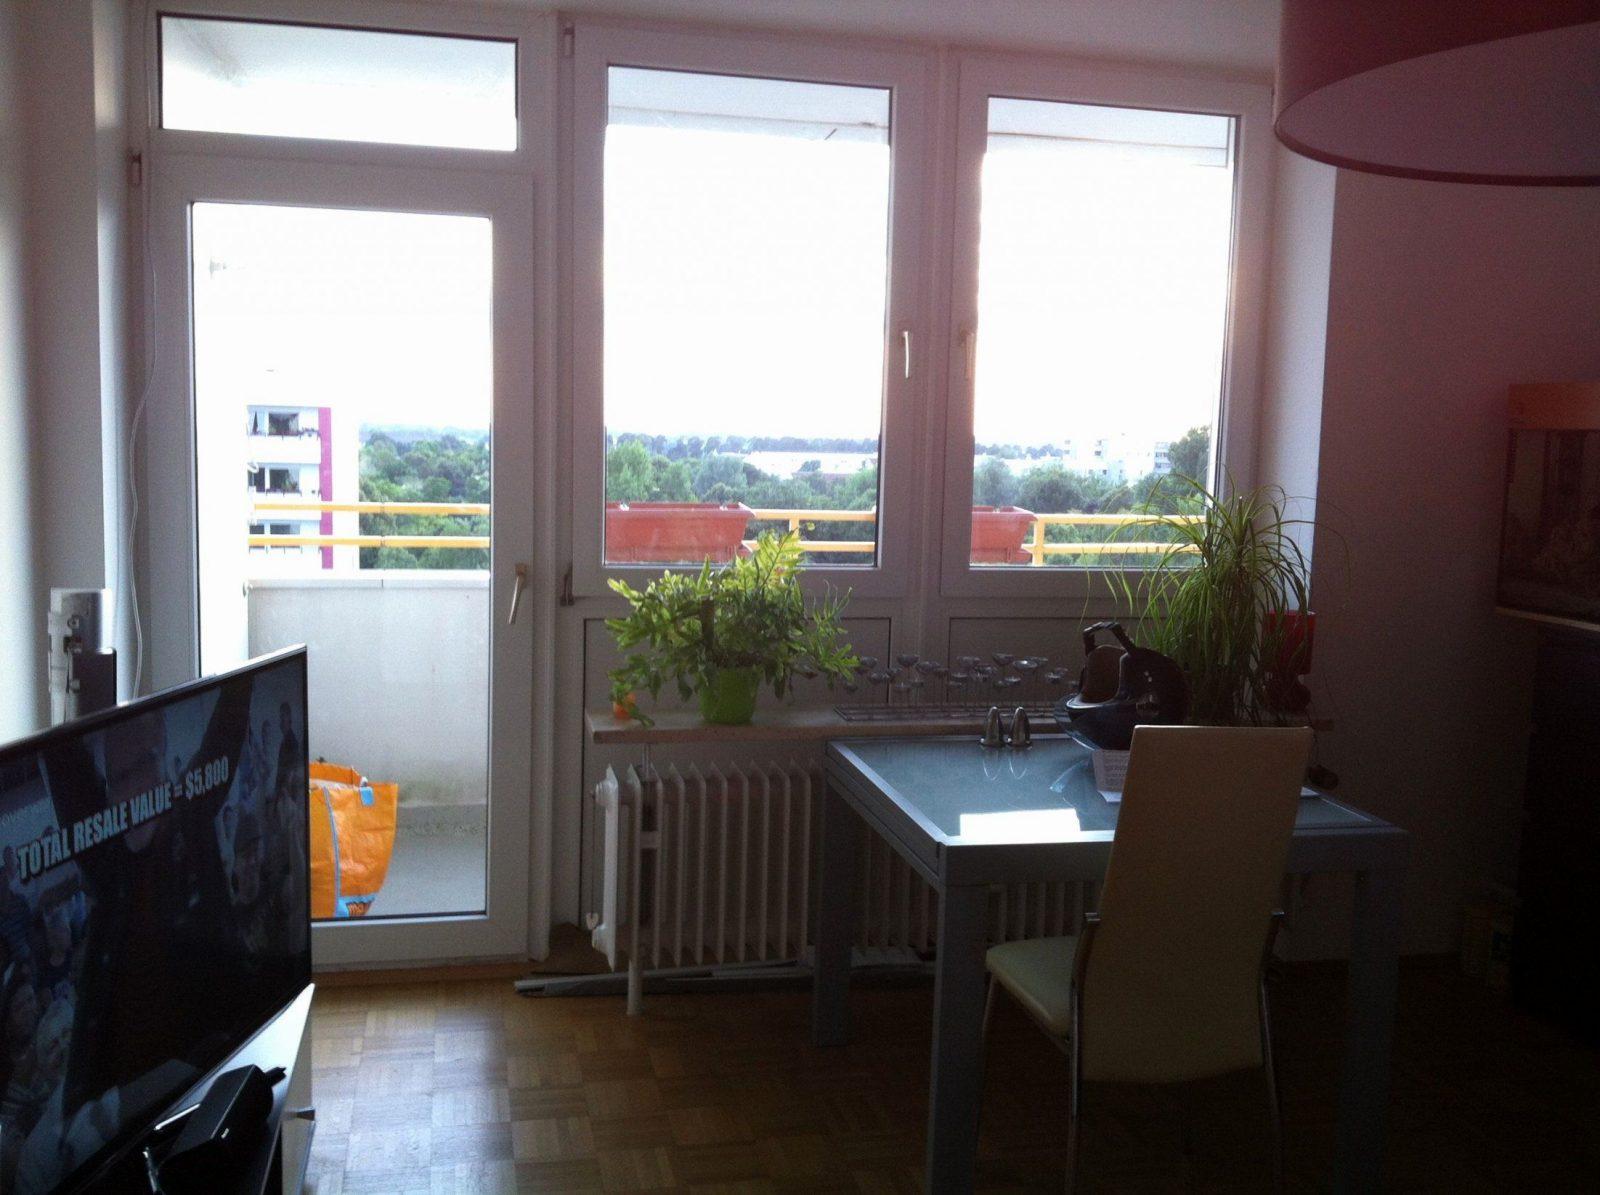 Gardinen Balkontür Und Fenster Modern Frisch Berühmt Gardinen Und von Gardinen Balkontür Und Fenster Modern Bild